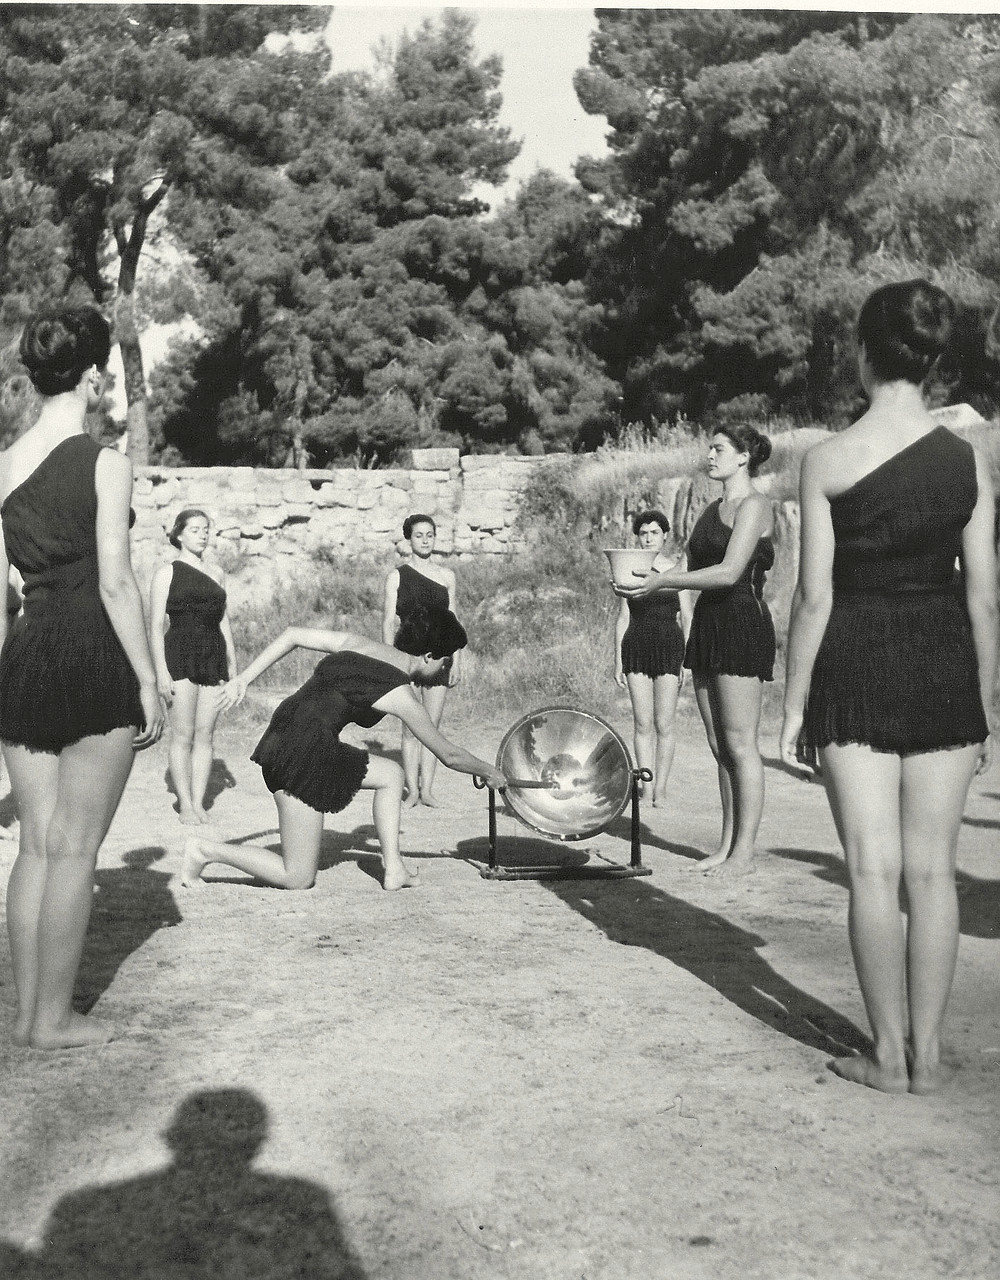 1952 HELSINKI